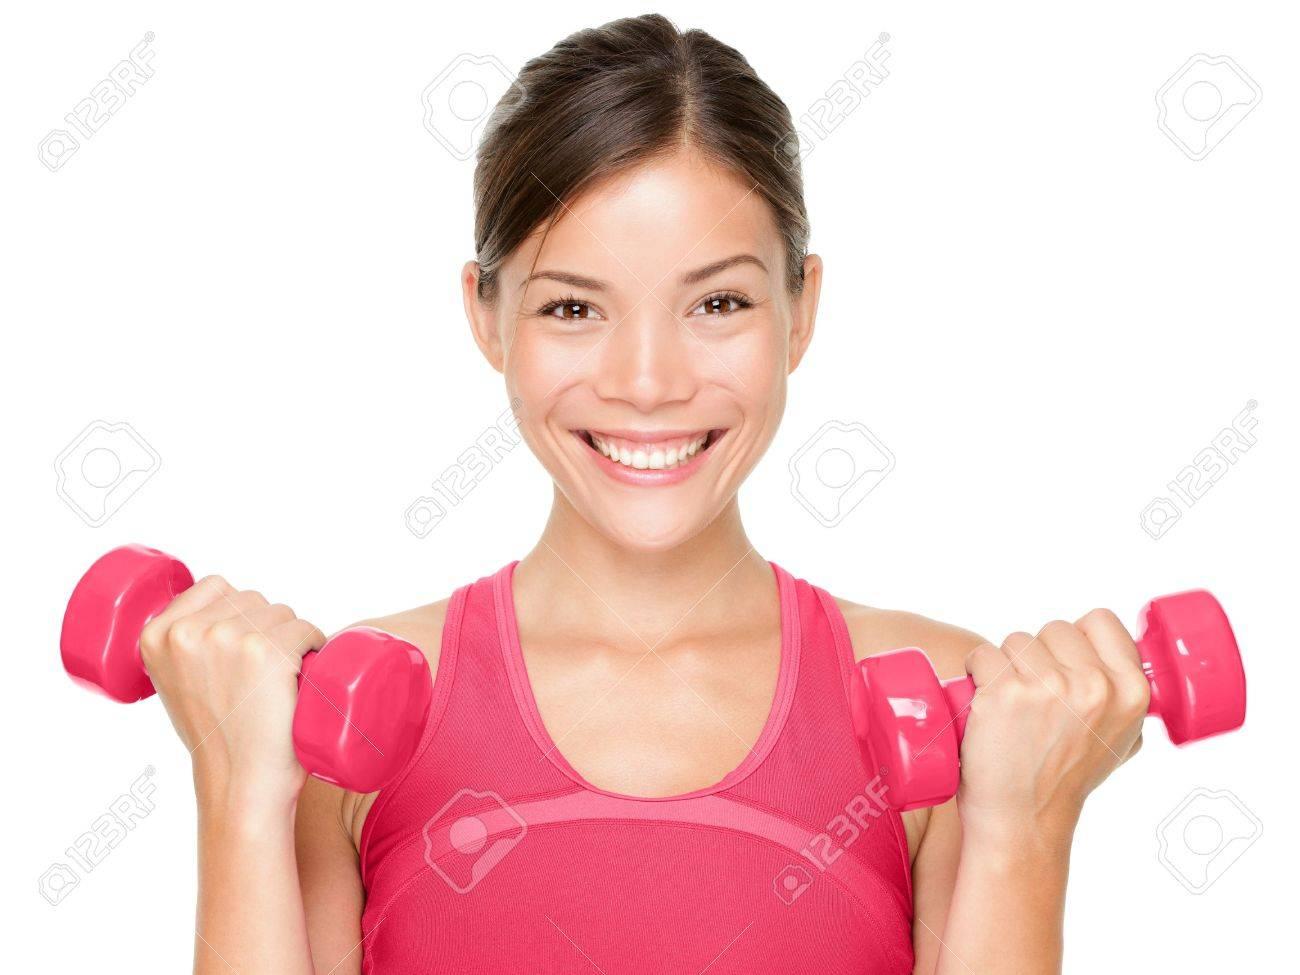 Fitness Frau glücklich halten Hantelscheiben lächelnd auf weißem Hintergrund Schöne multikulturellen Mischlinge asiatischen kaukasischen weiblichen Sport Fitness-Modell isoliert Standard-Bild - 16637276